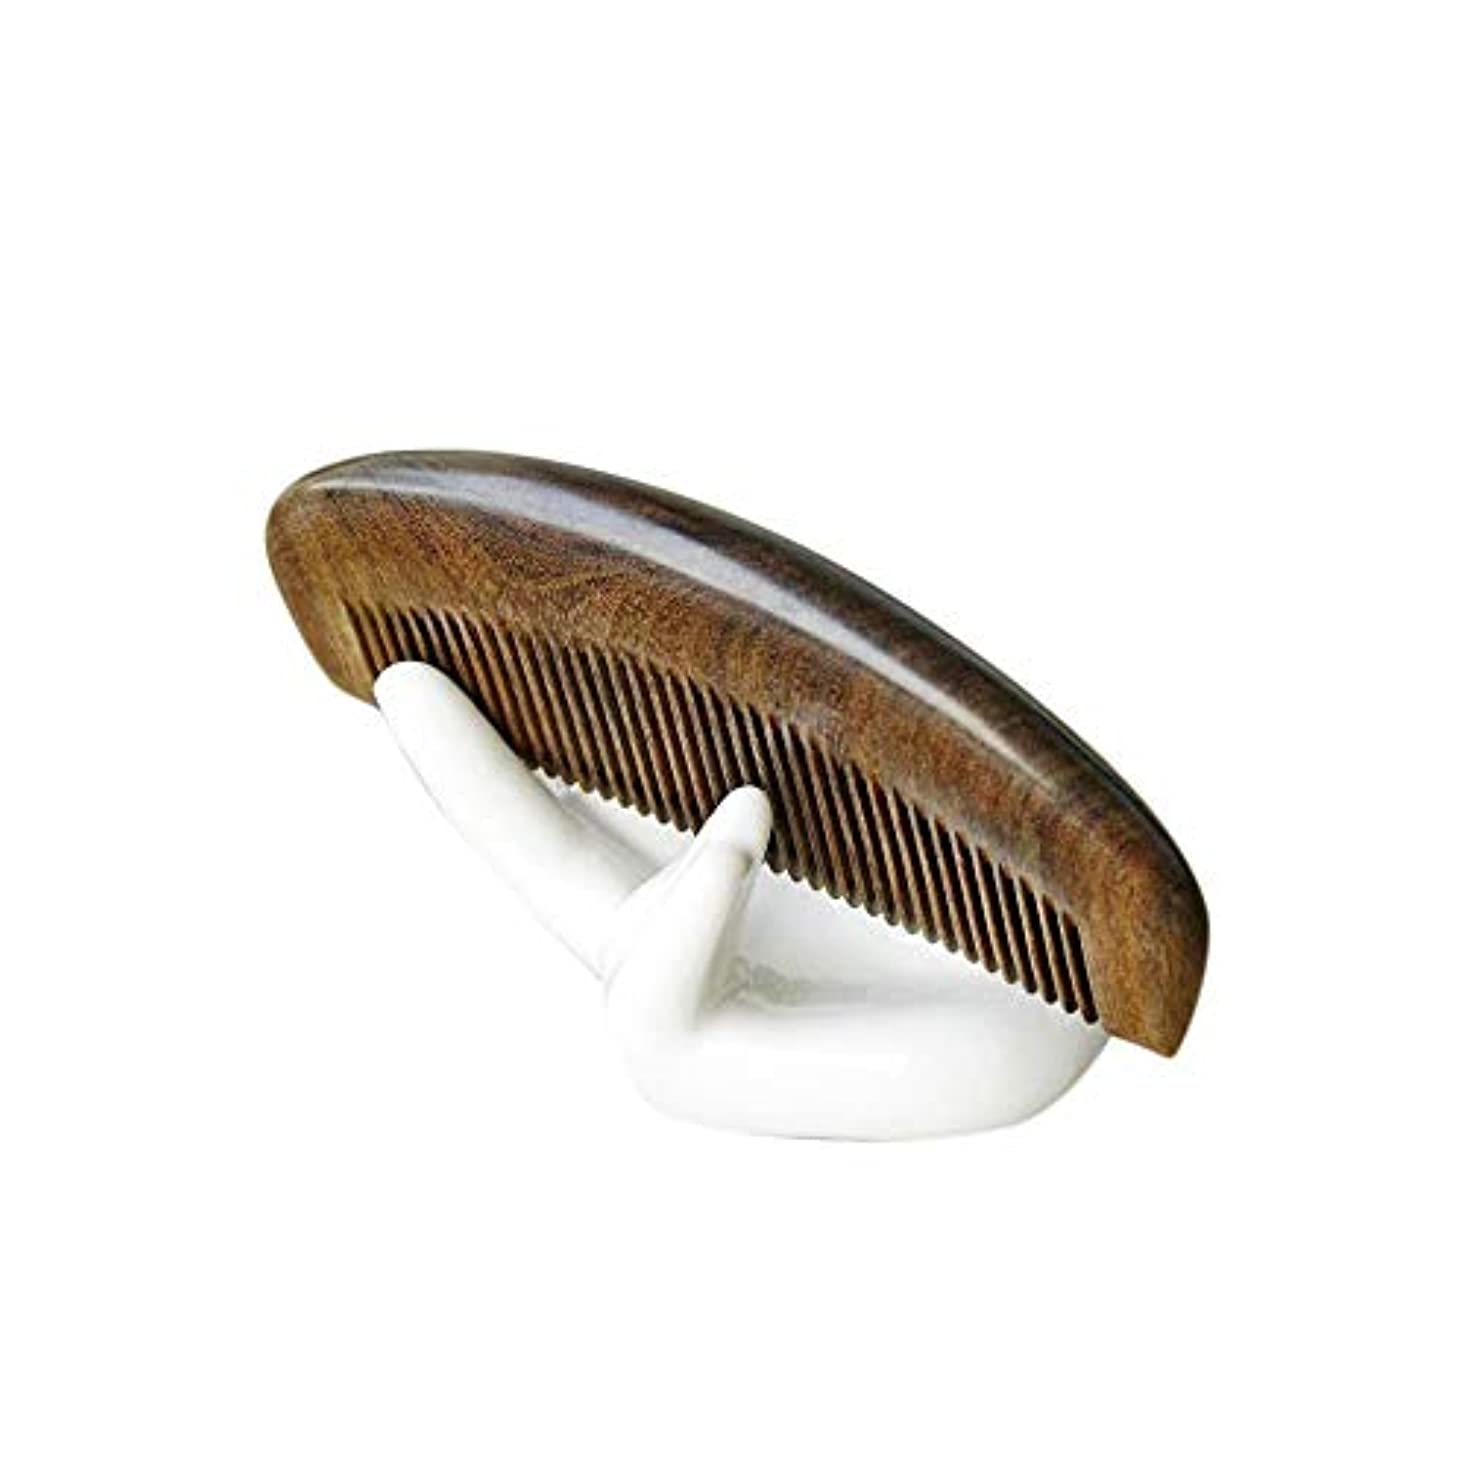 役員ホラー含むFashianナチュラルサンダルウッドコーム - 手作りの木製ハーフムーンの形ワイド歯カーリーヘアくし ヘアケア (色 : Photo color)